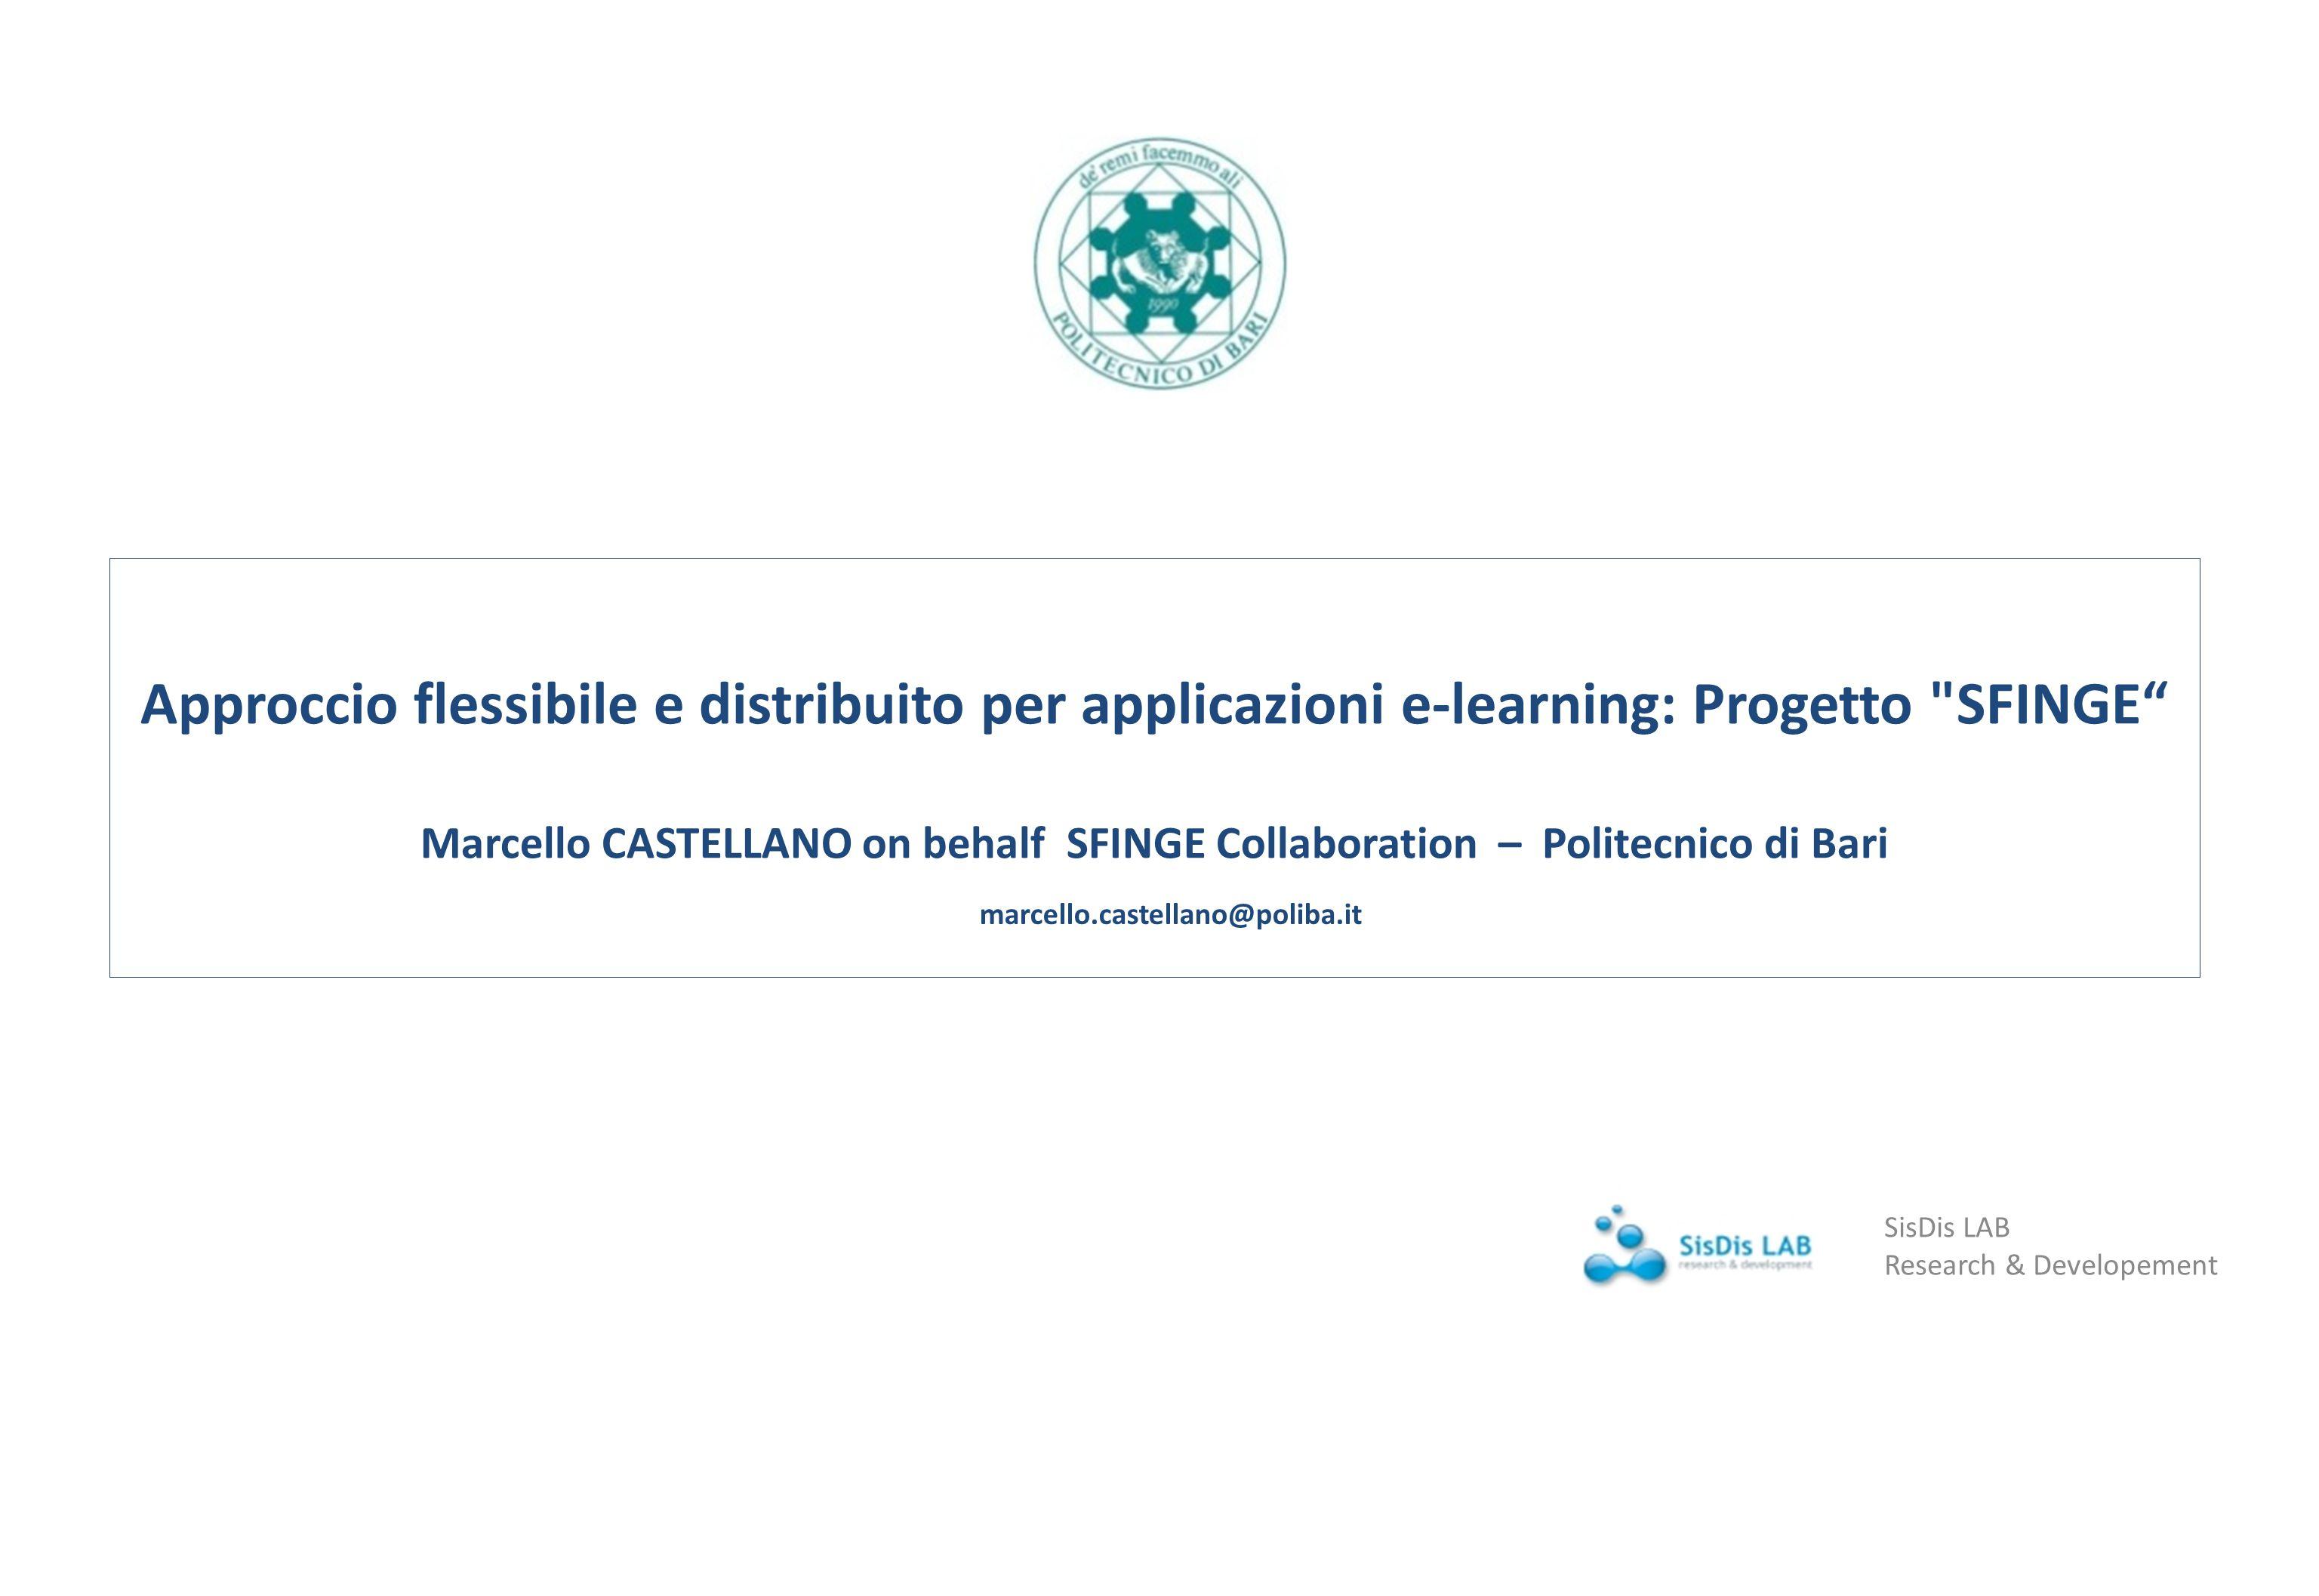 Approccio flessibile e distribuito per applicazioni e-learning: Progetto